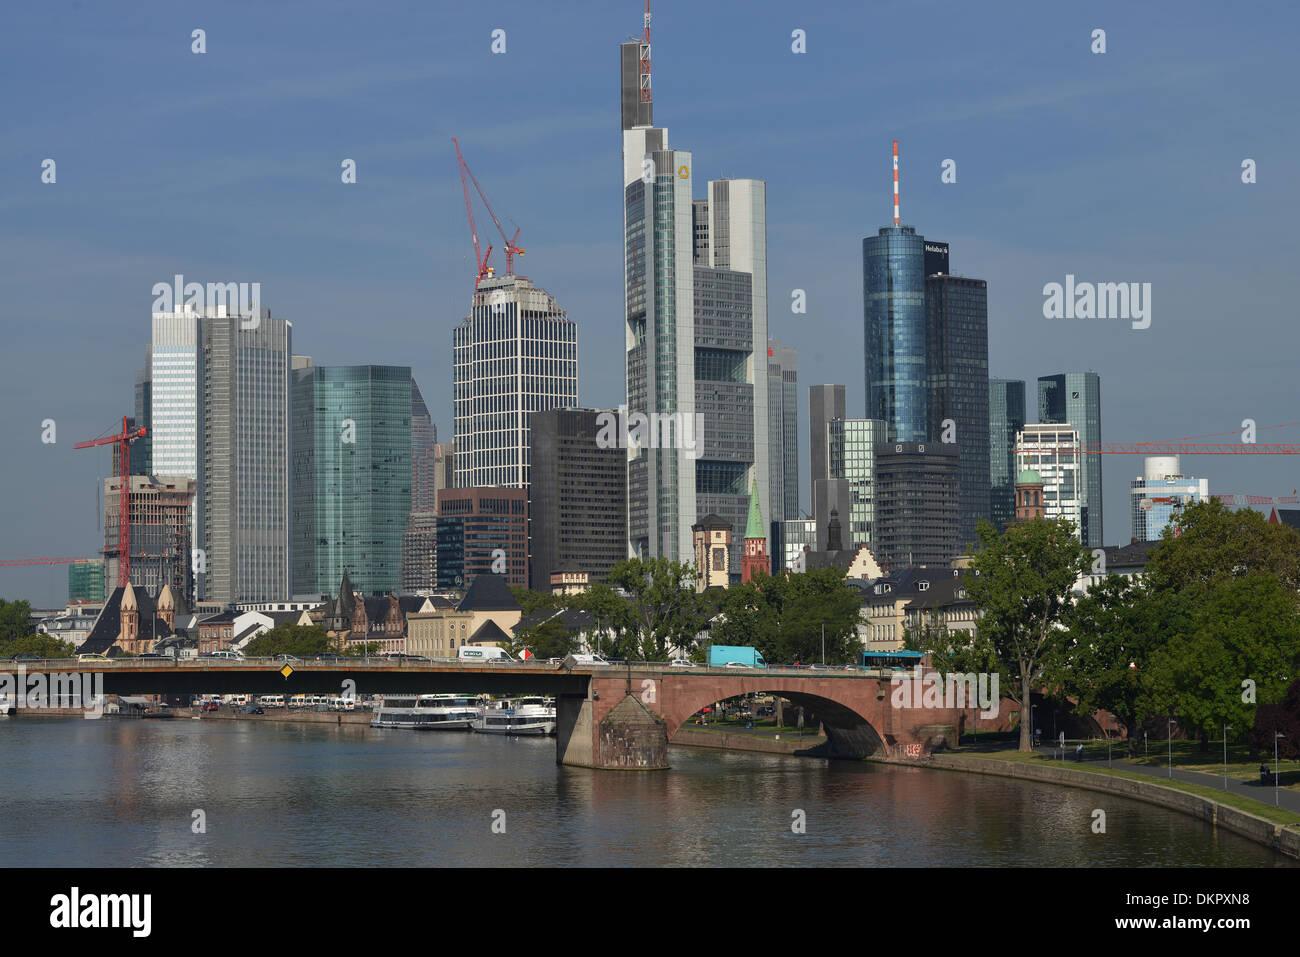 Skyline, Bankenviertel, Frankfurt am Main, Hessen, Deutschland - Stock Image